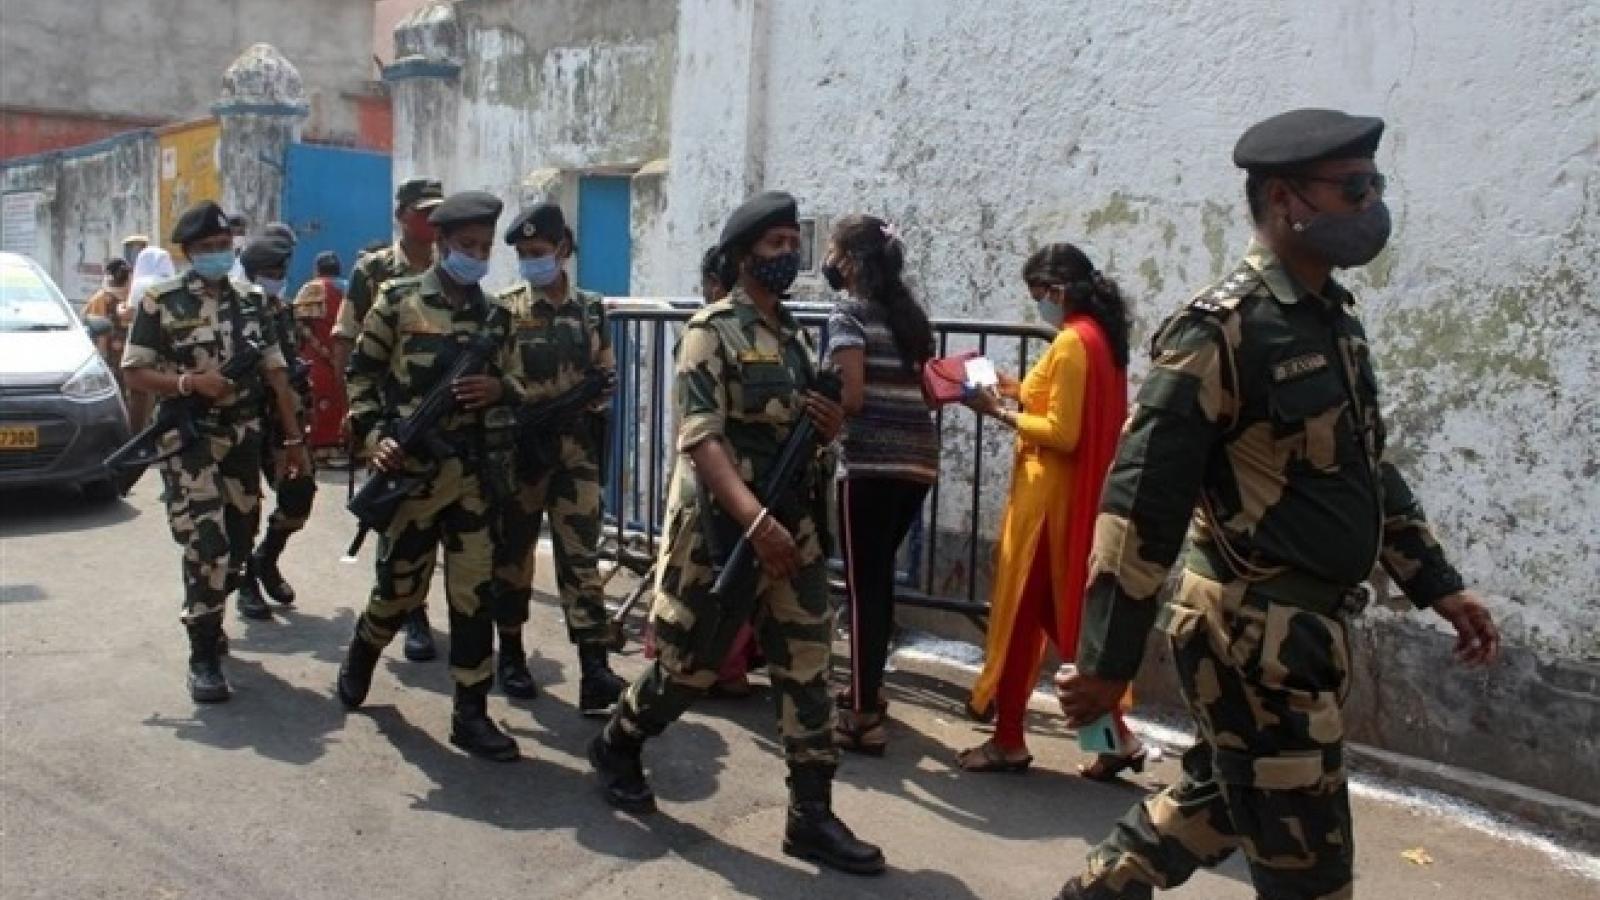 Quân đội Ấn Độ nâng công suất bệnh viện đối phó với đại dịch Covid-19